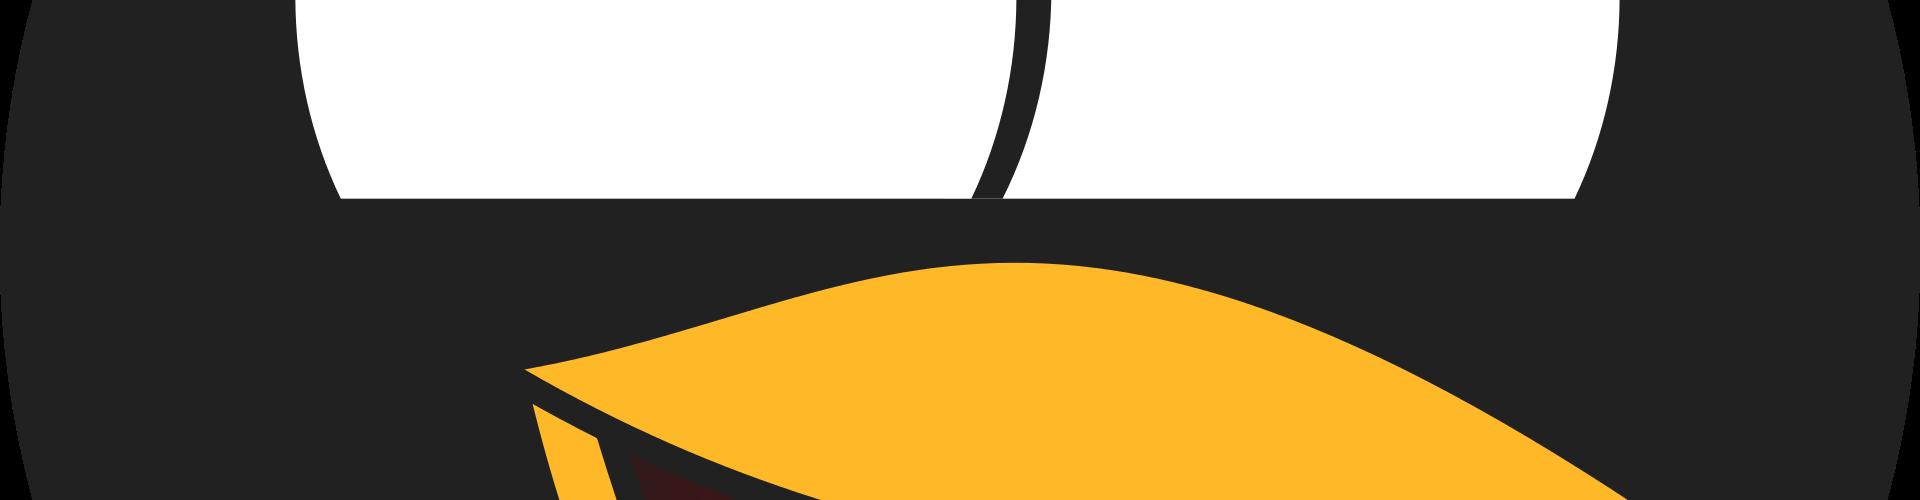 avatar, beak, black